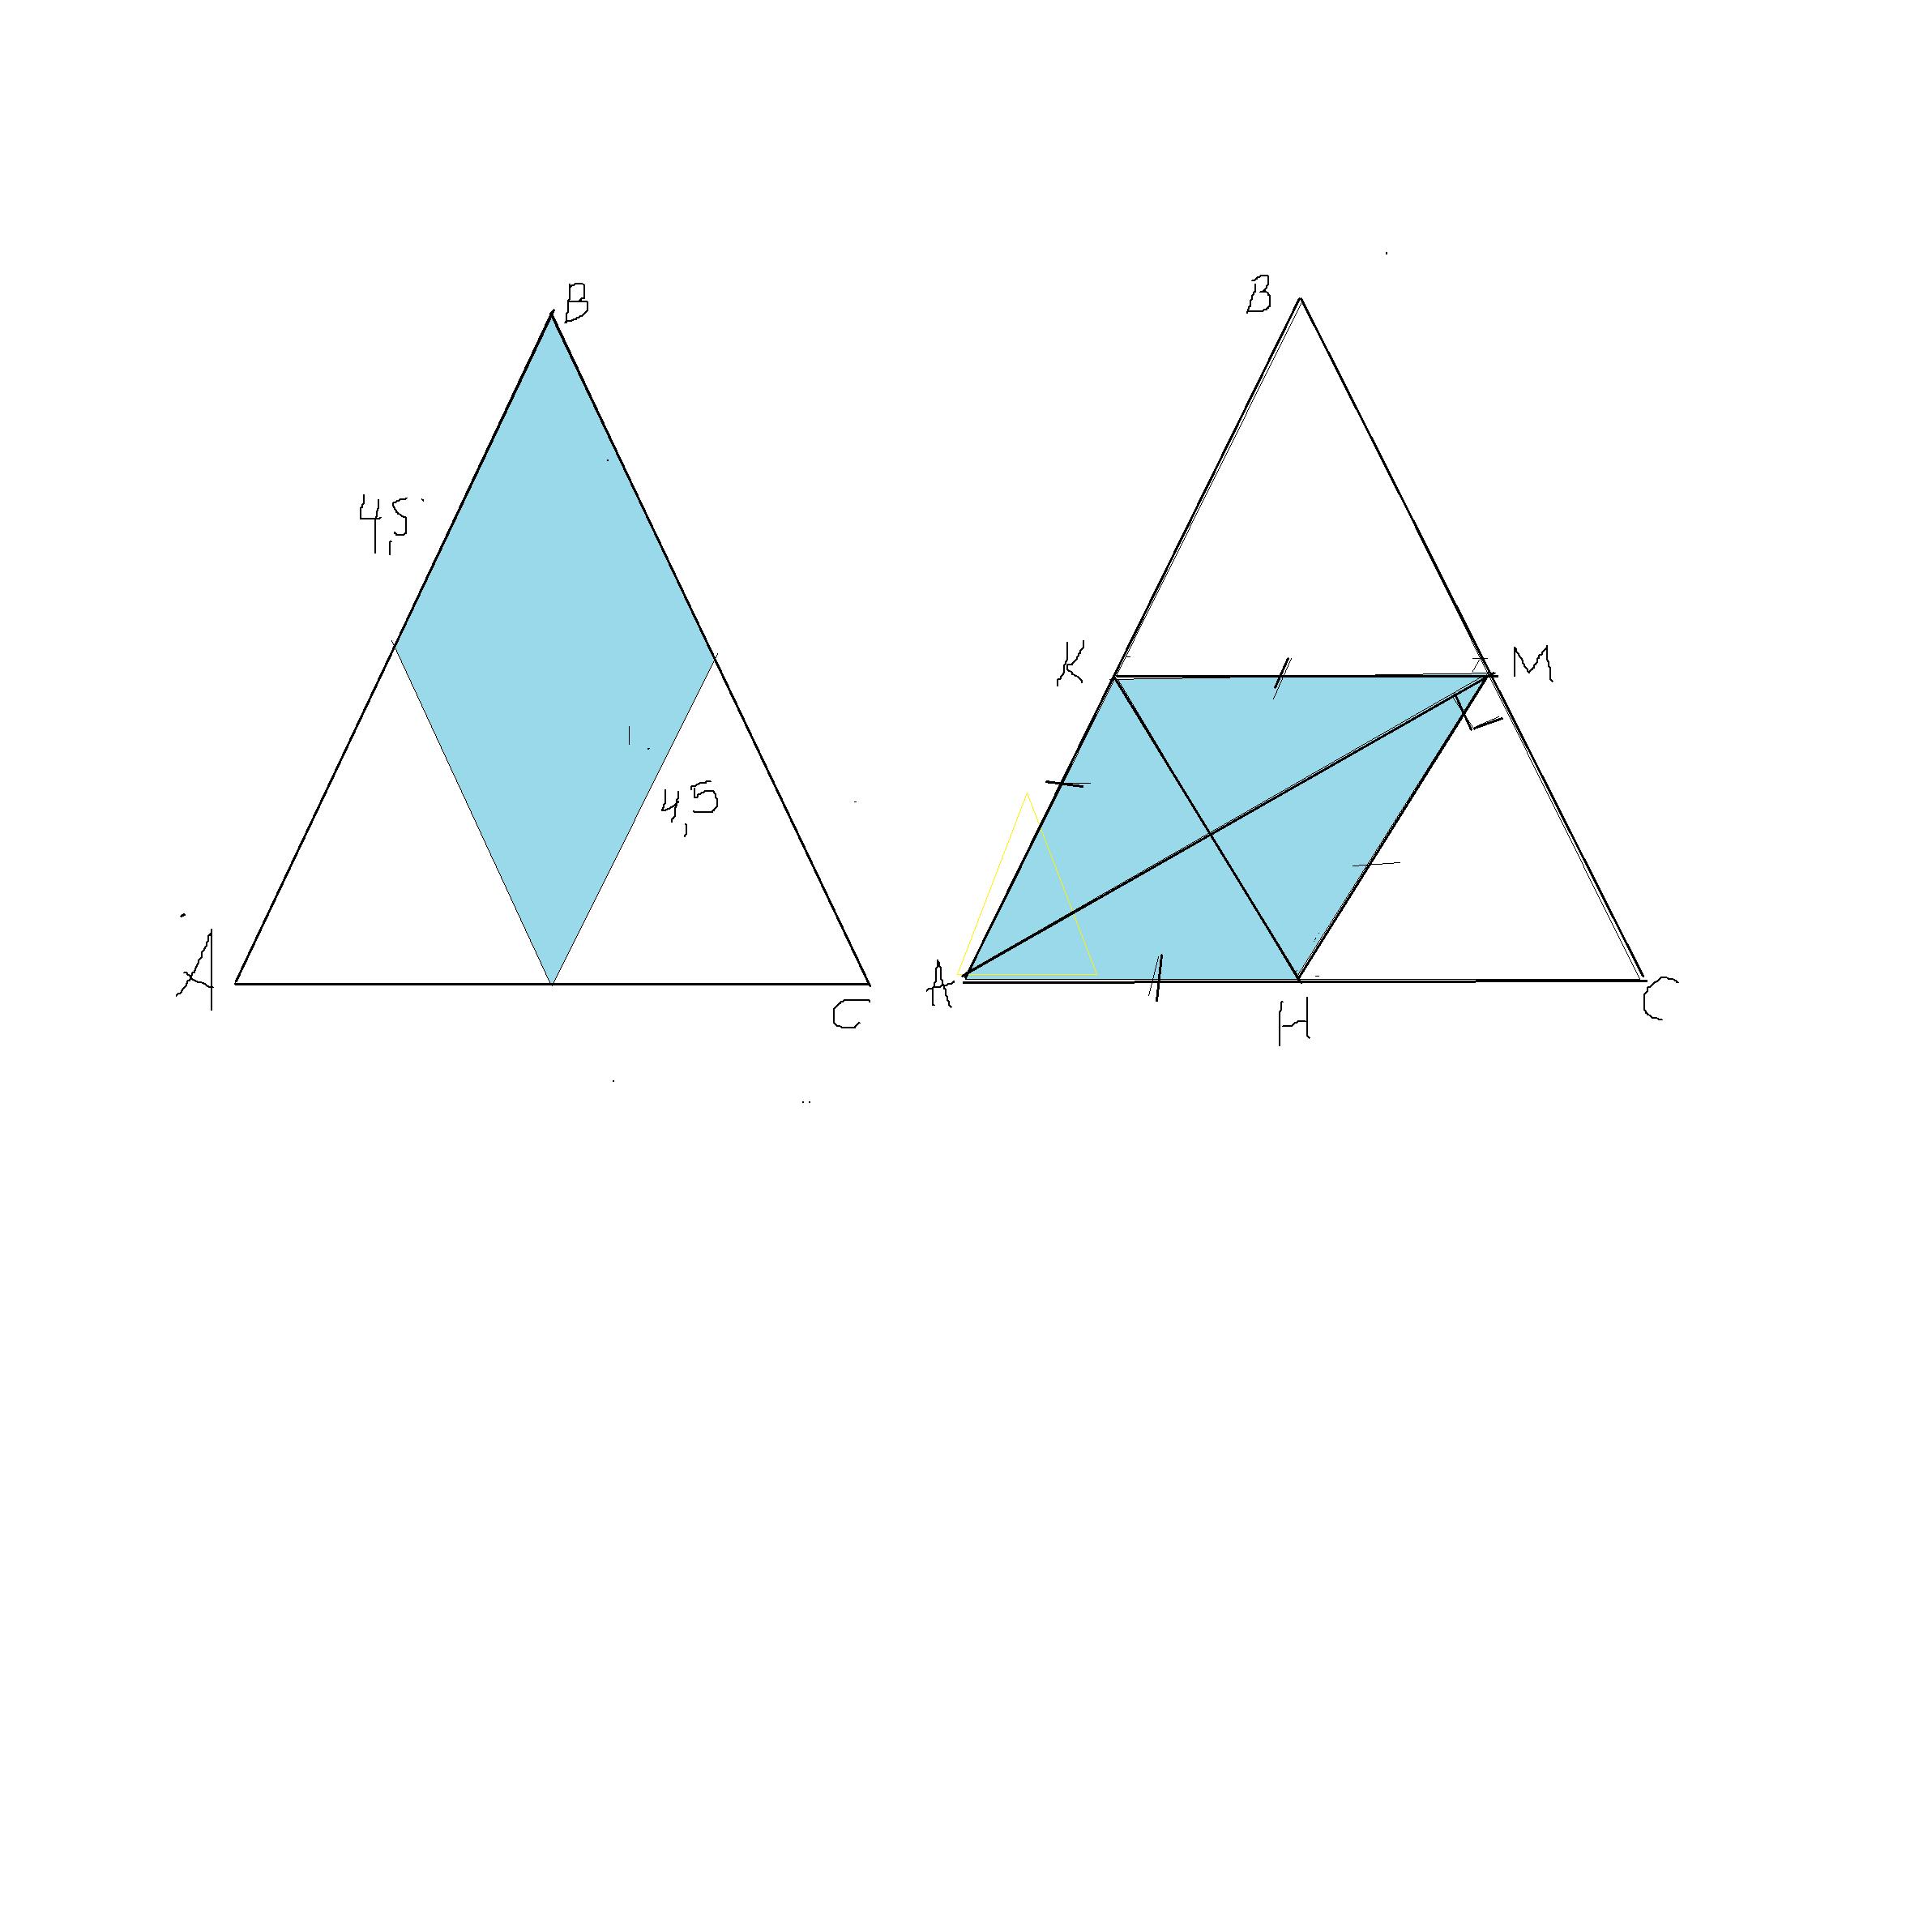 Рисунок равнобедренного треугольника по основанию и углу при основании